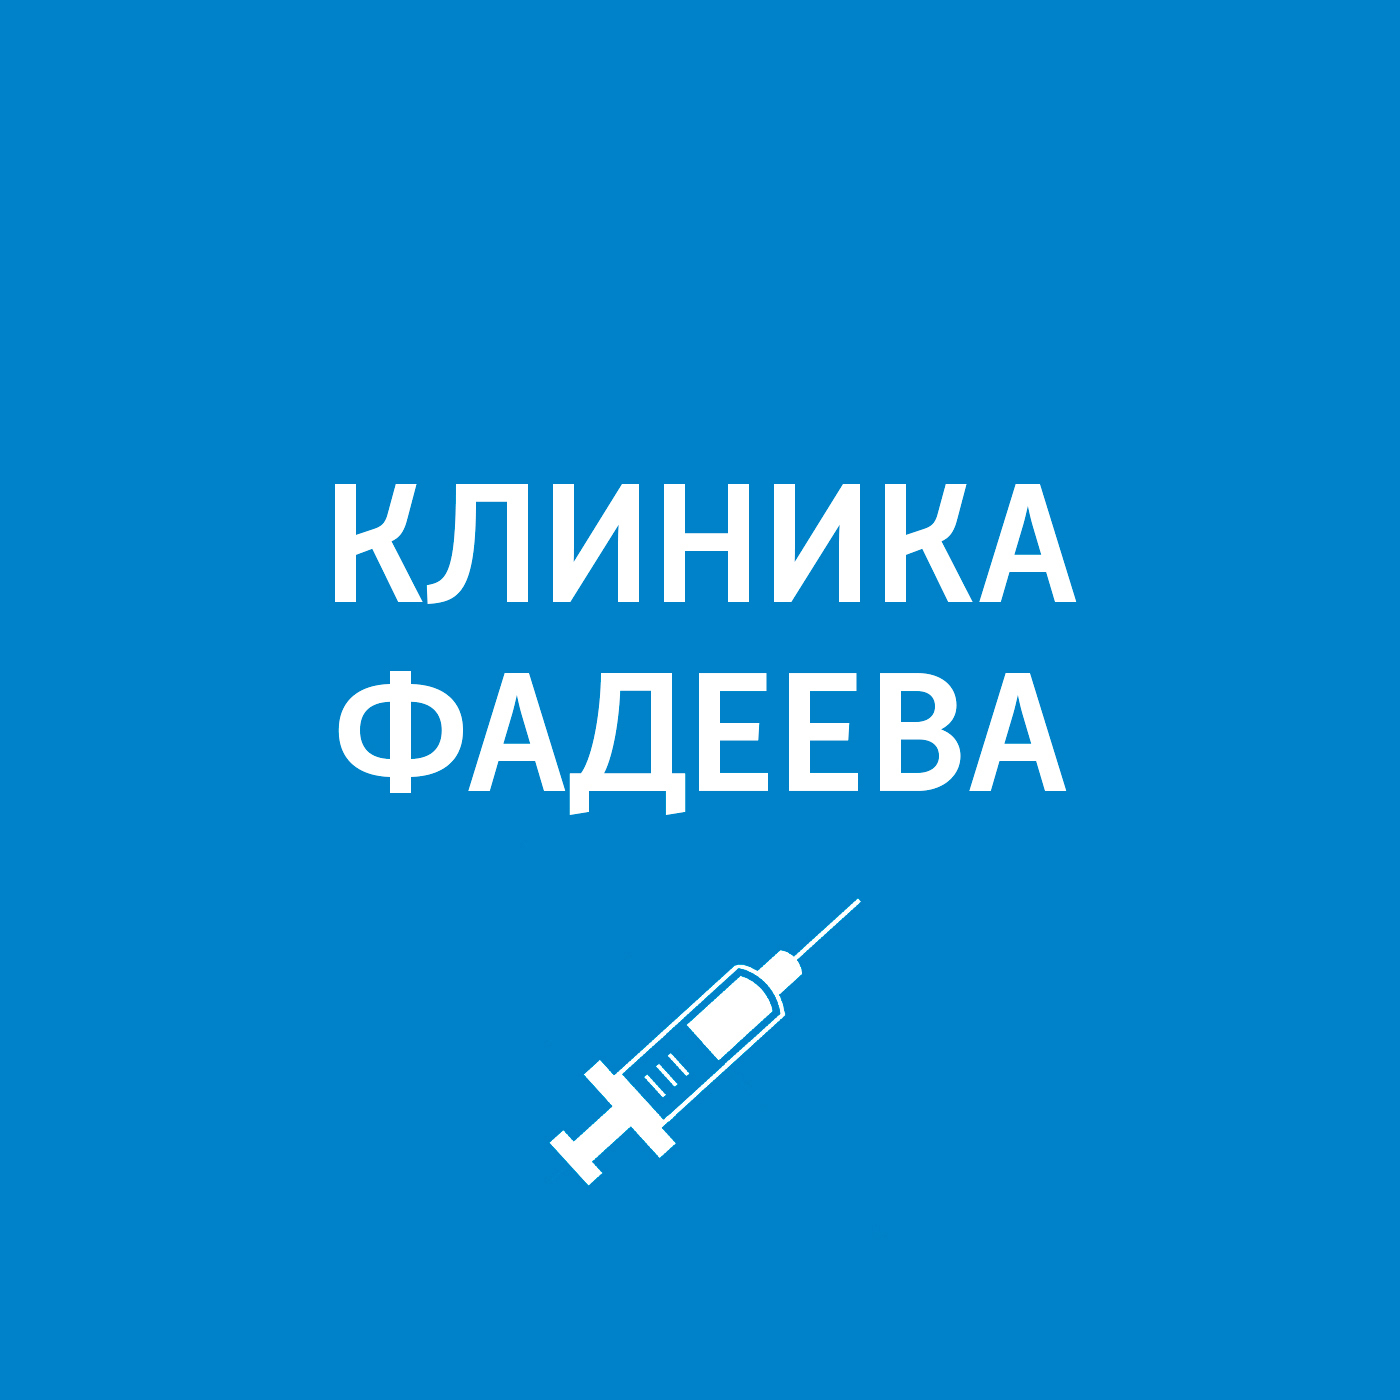 Пётр Фадеев Кинезиолог-остеопат пётр фадеев ветеринар герпетолог